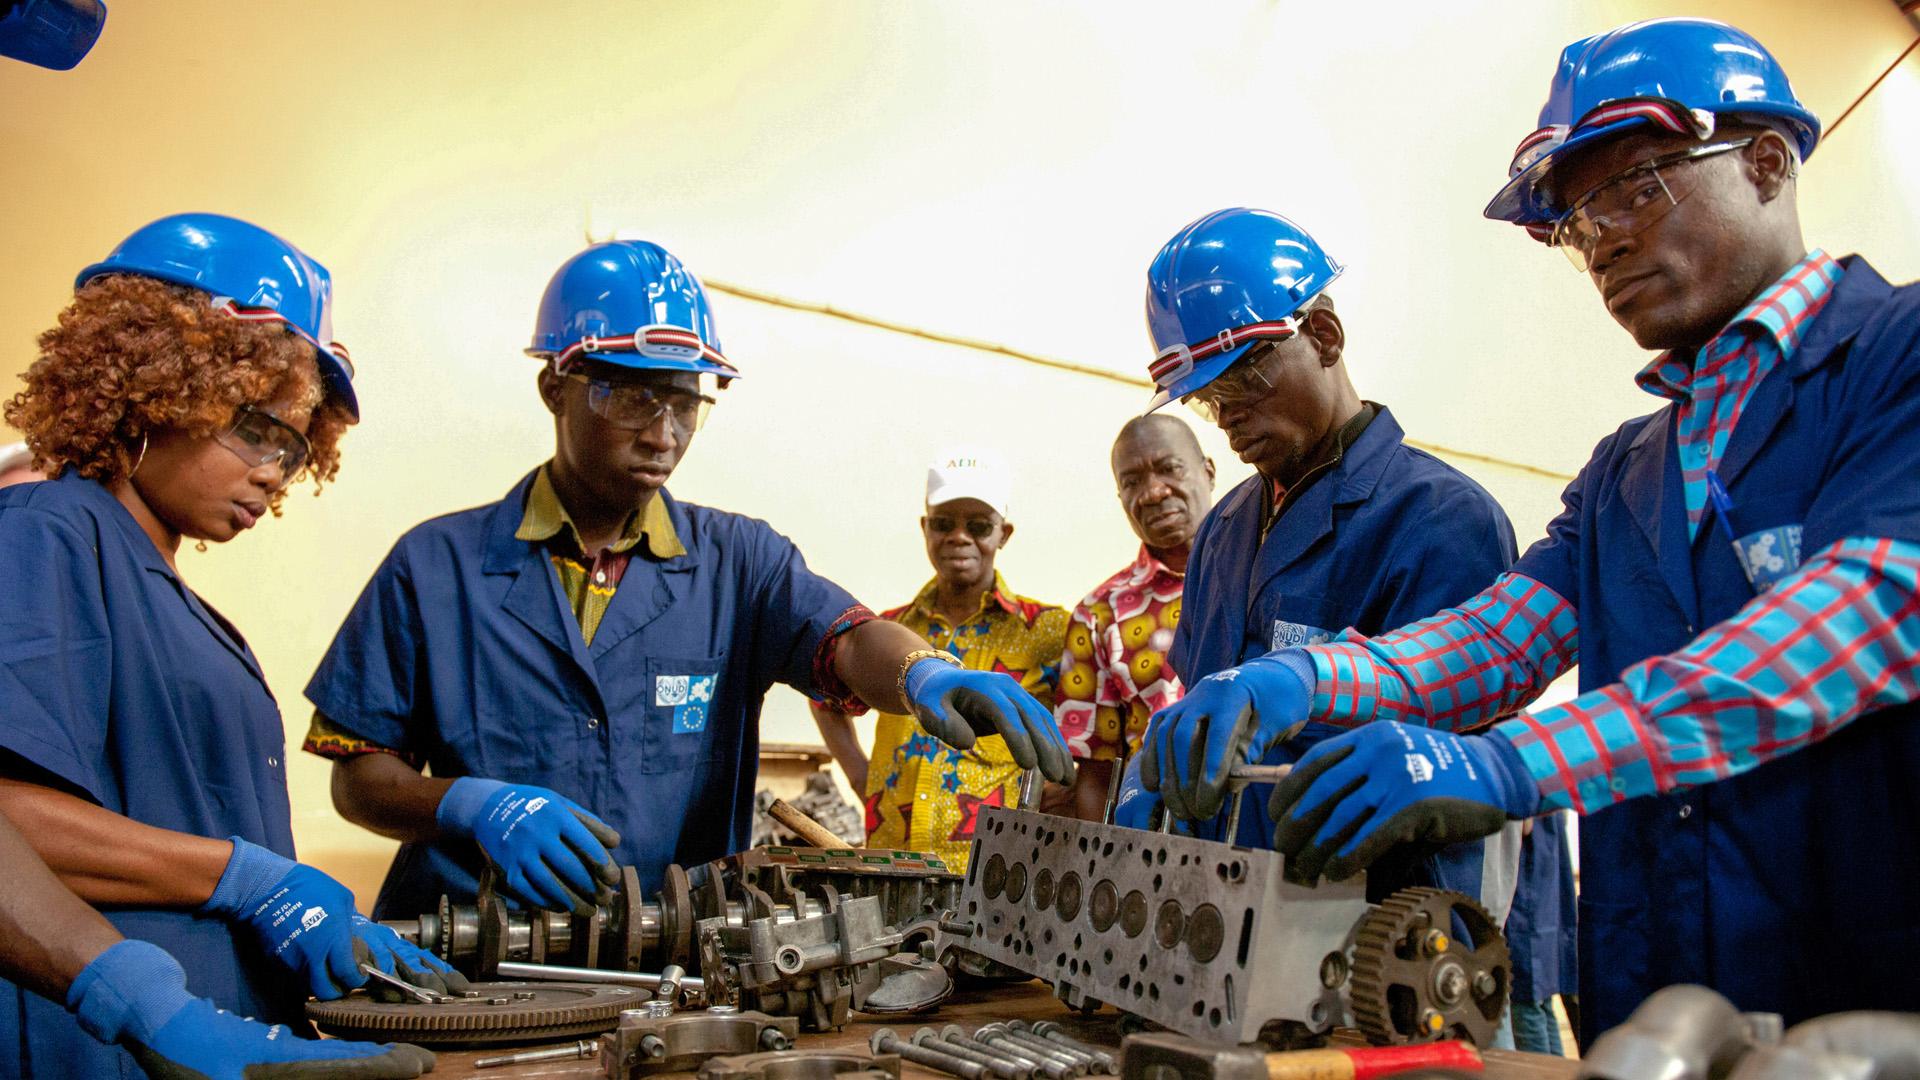 Handwerker in Côte d'Ivoire